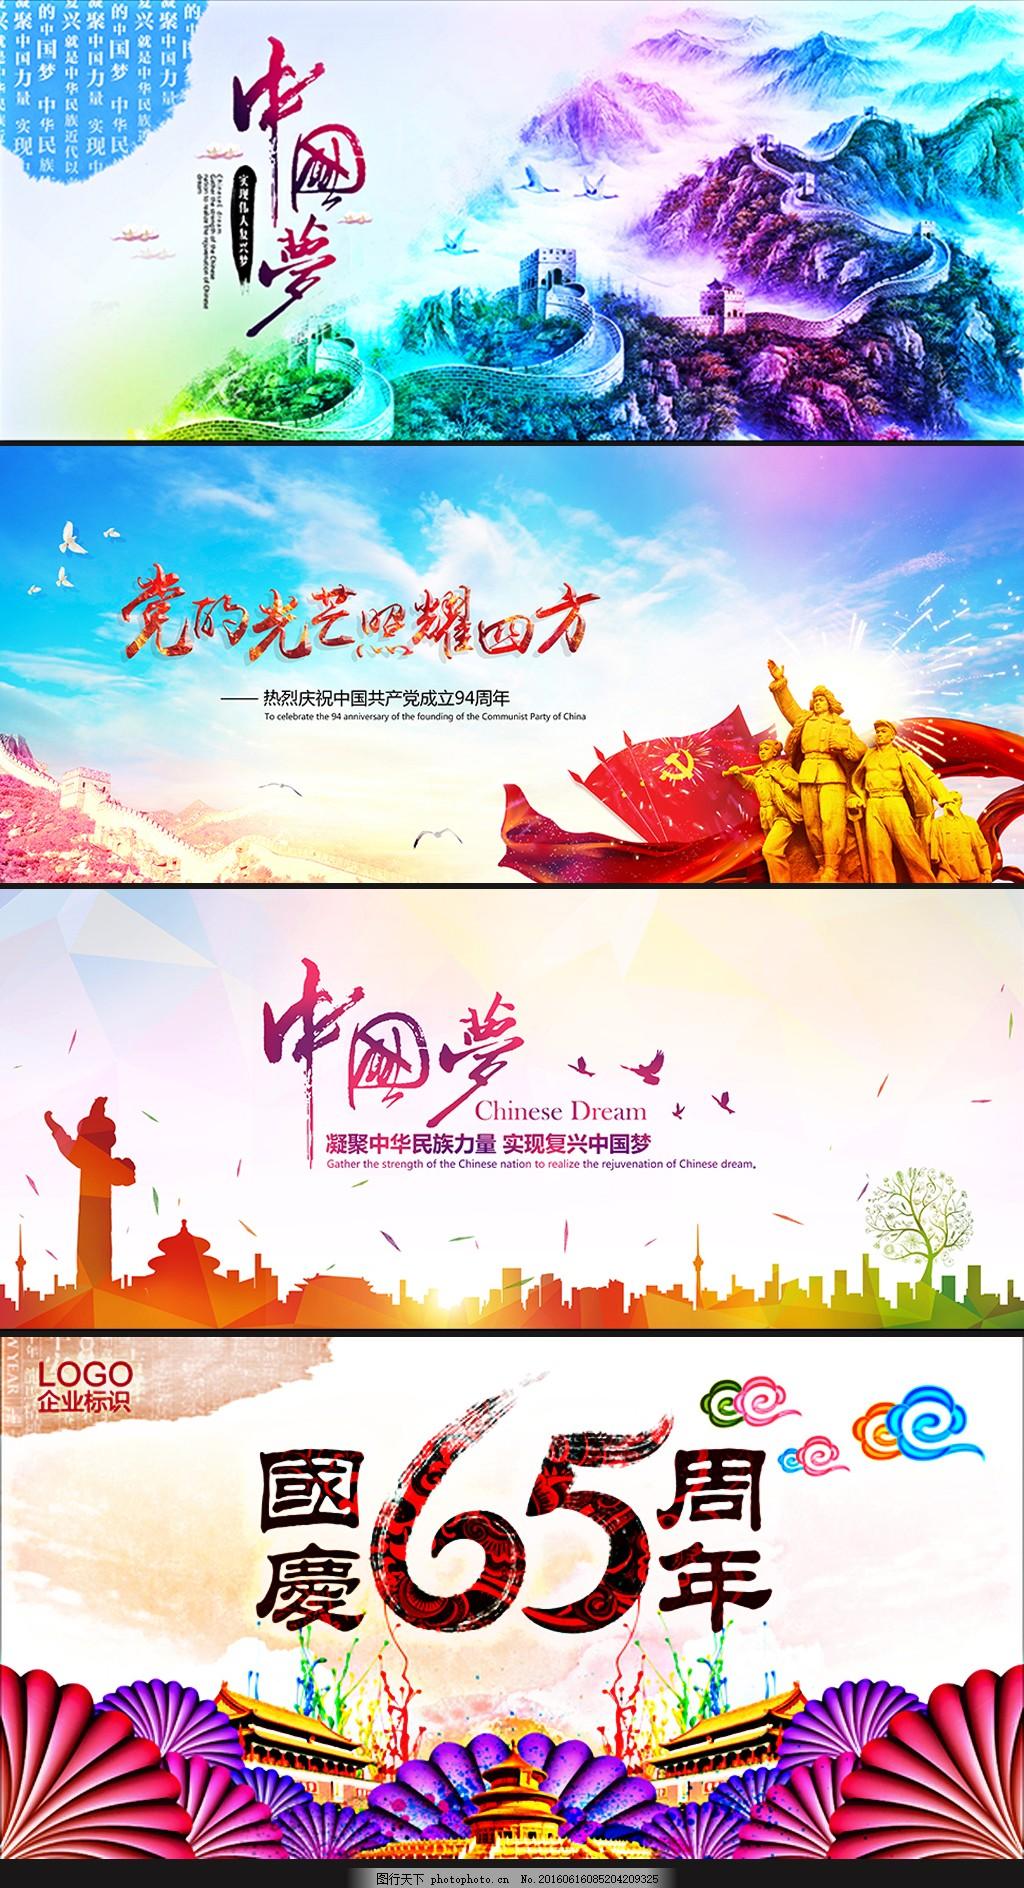 中国梦海报设计 中国梦 海报 炫彩 创意 长城 英雄 banner 国庆 中秋